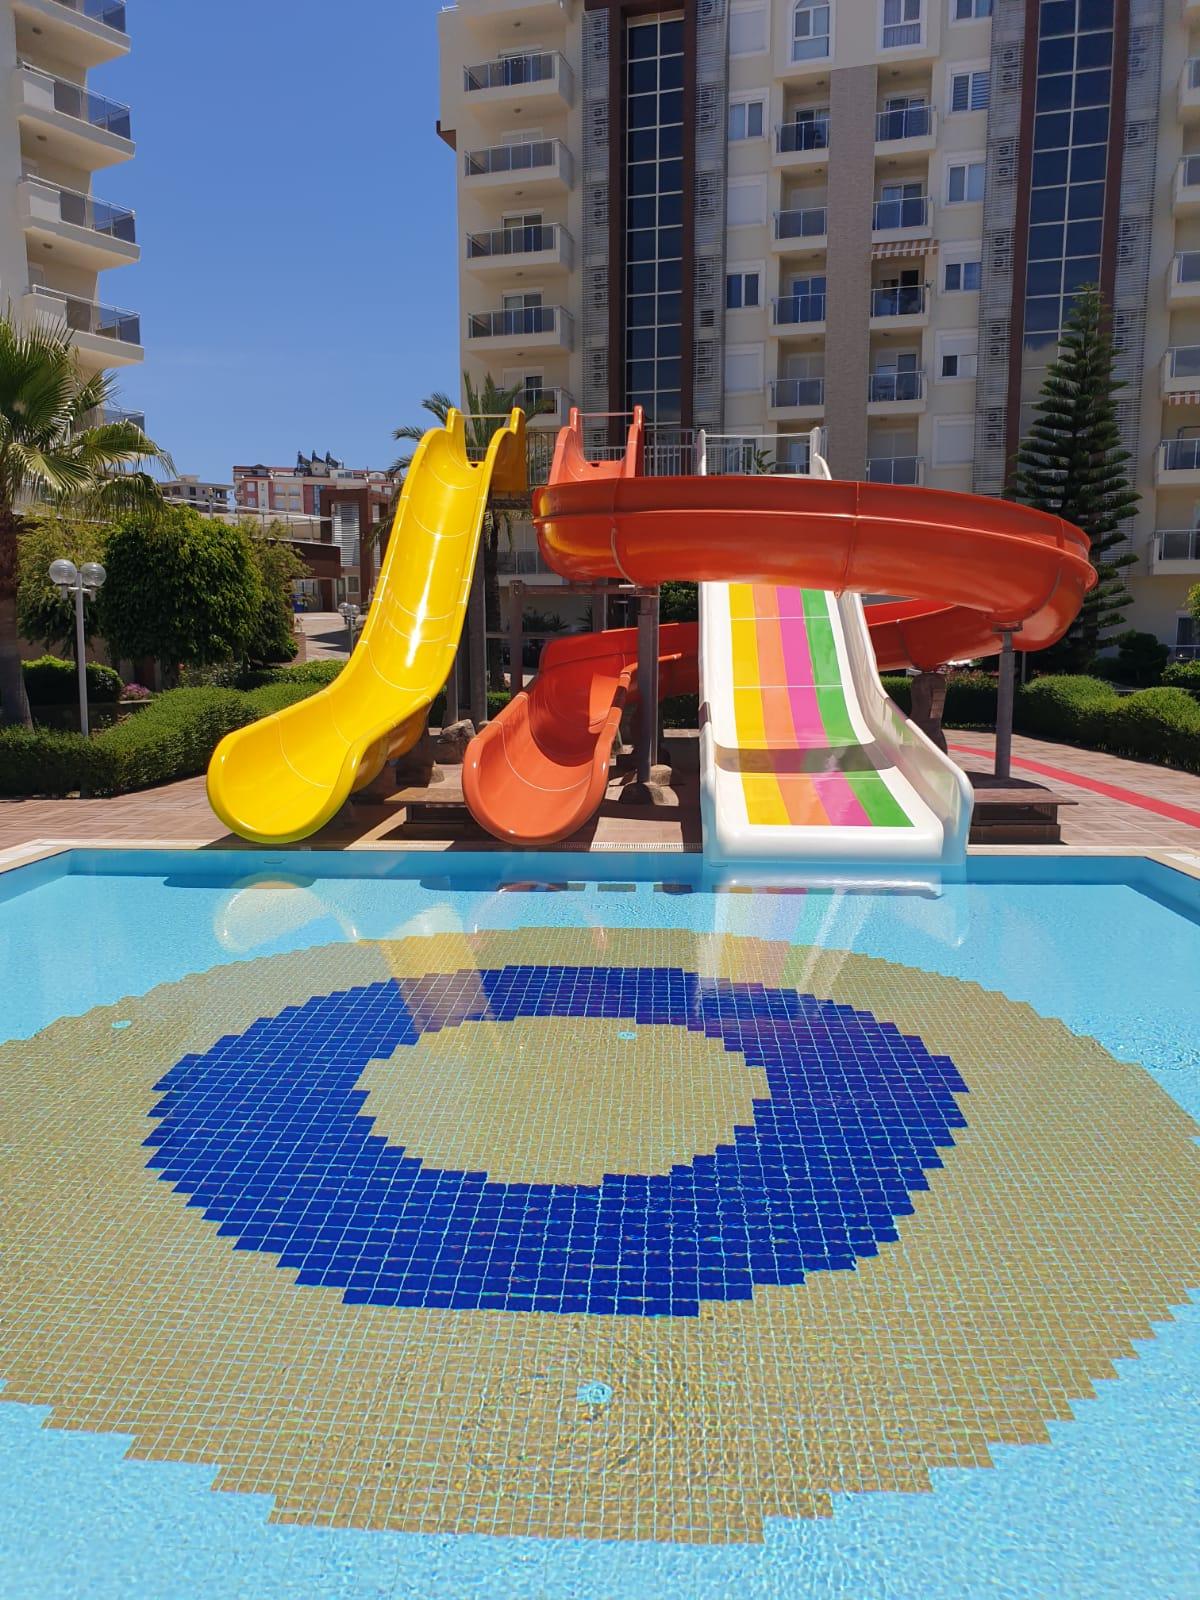 Büyük havuzdaki su kaydıraklarının yüzeyi yenilenmiştır ve yeniden boyanmıştır